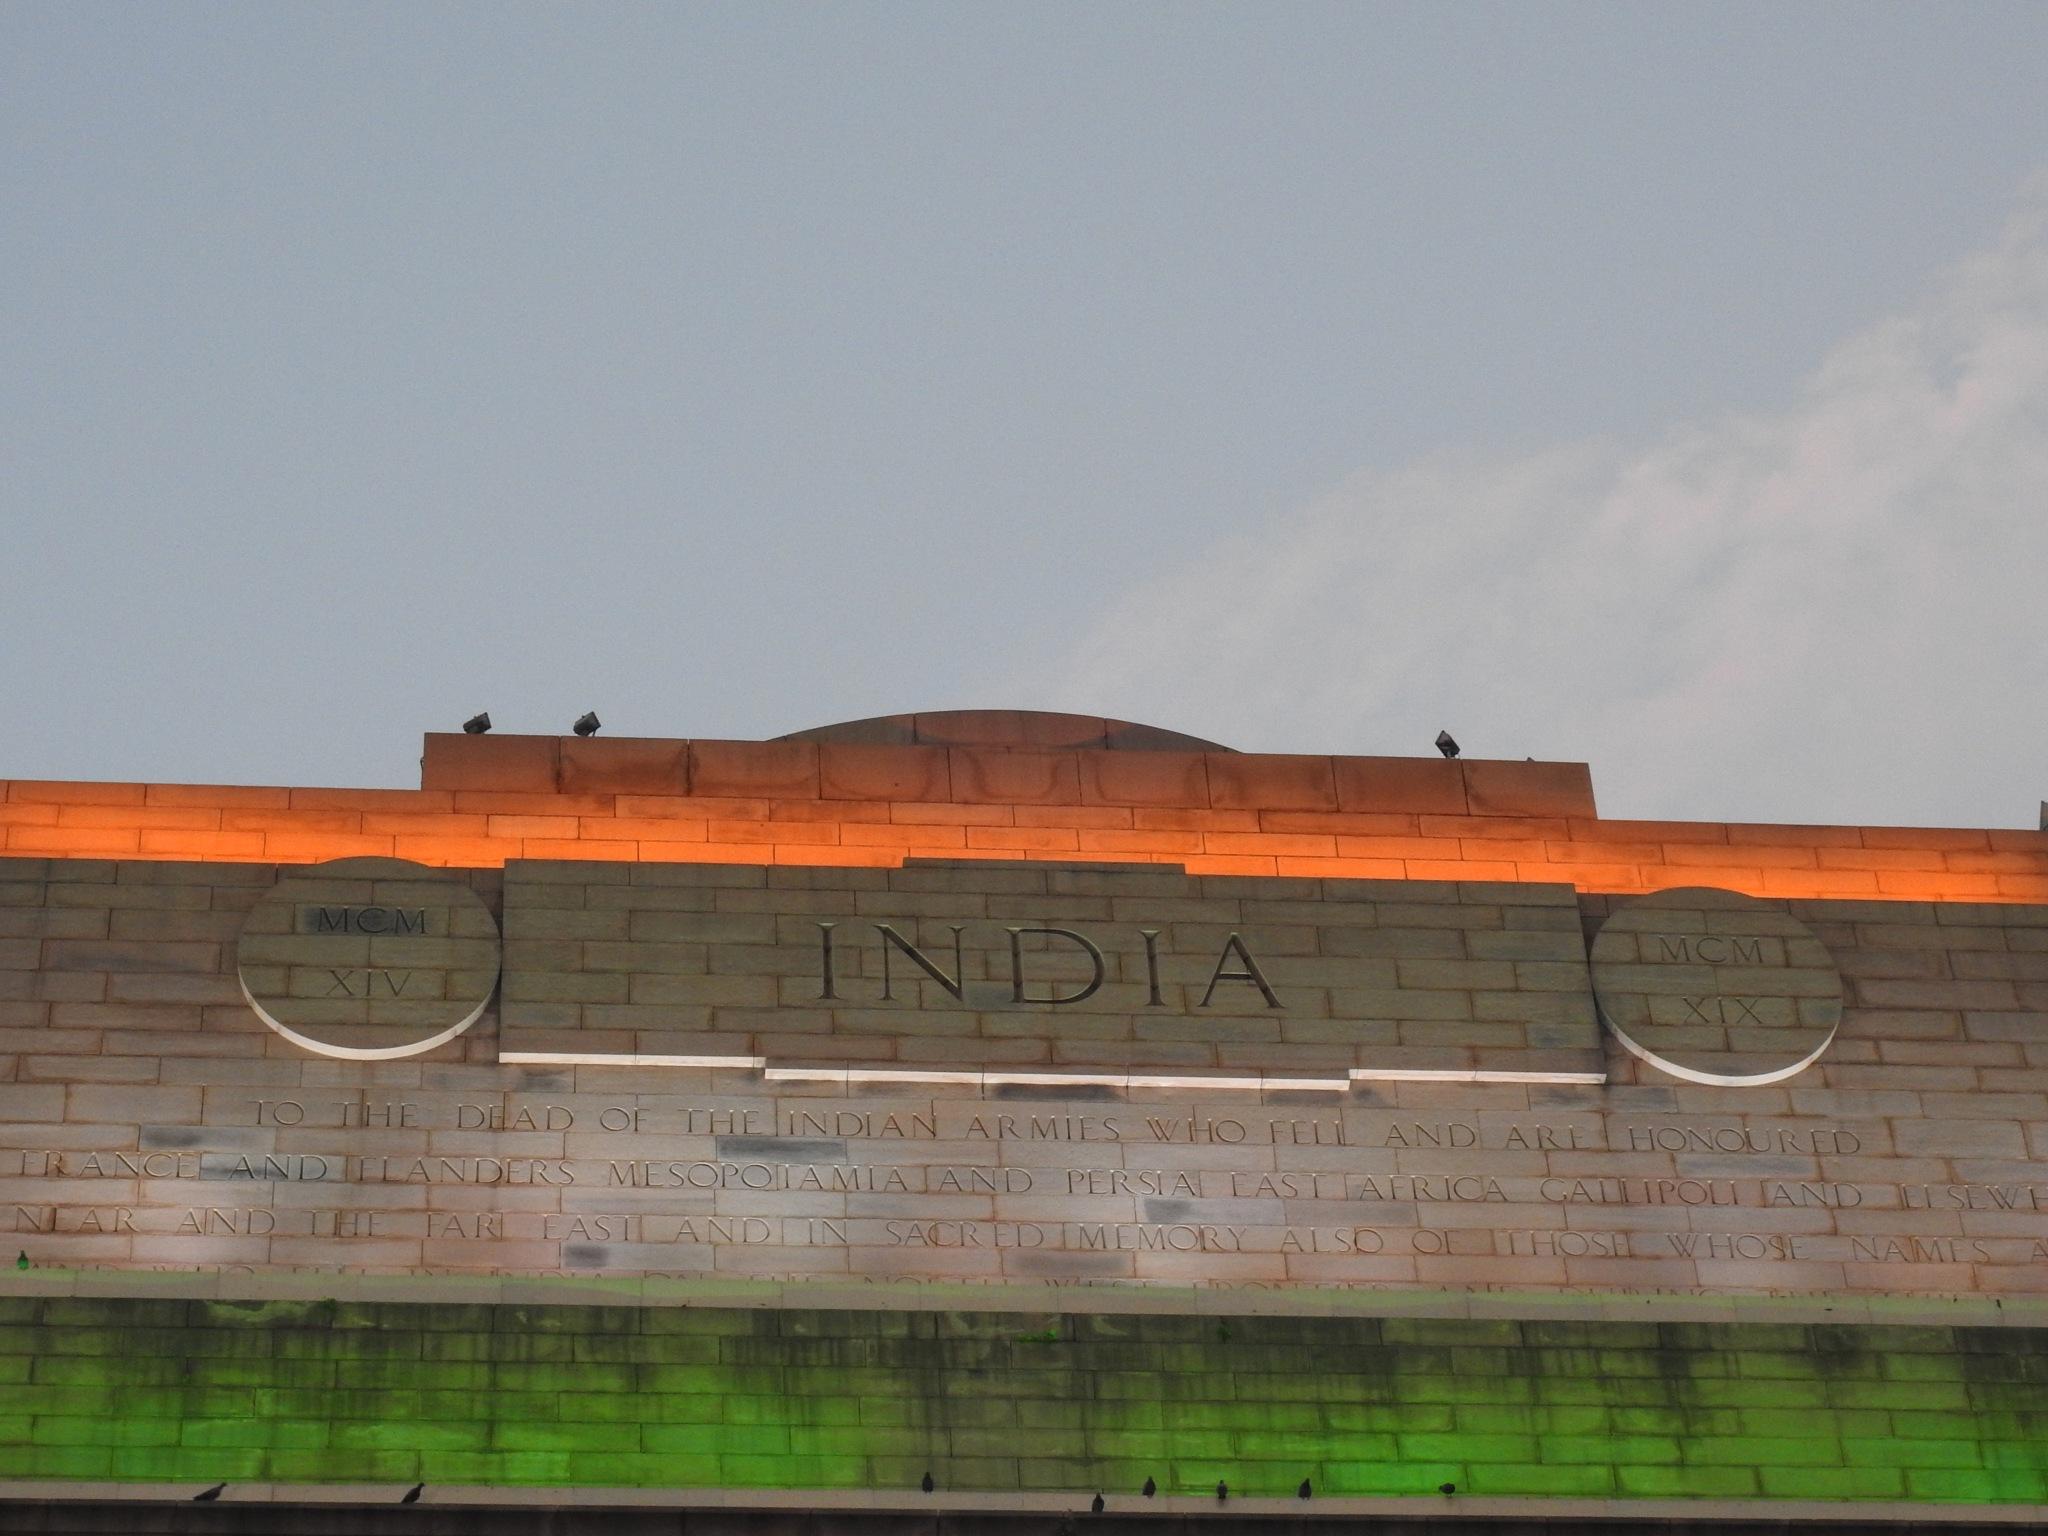 India gate  by Shreyash Singh Sachan